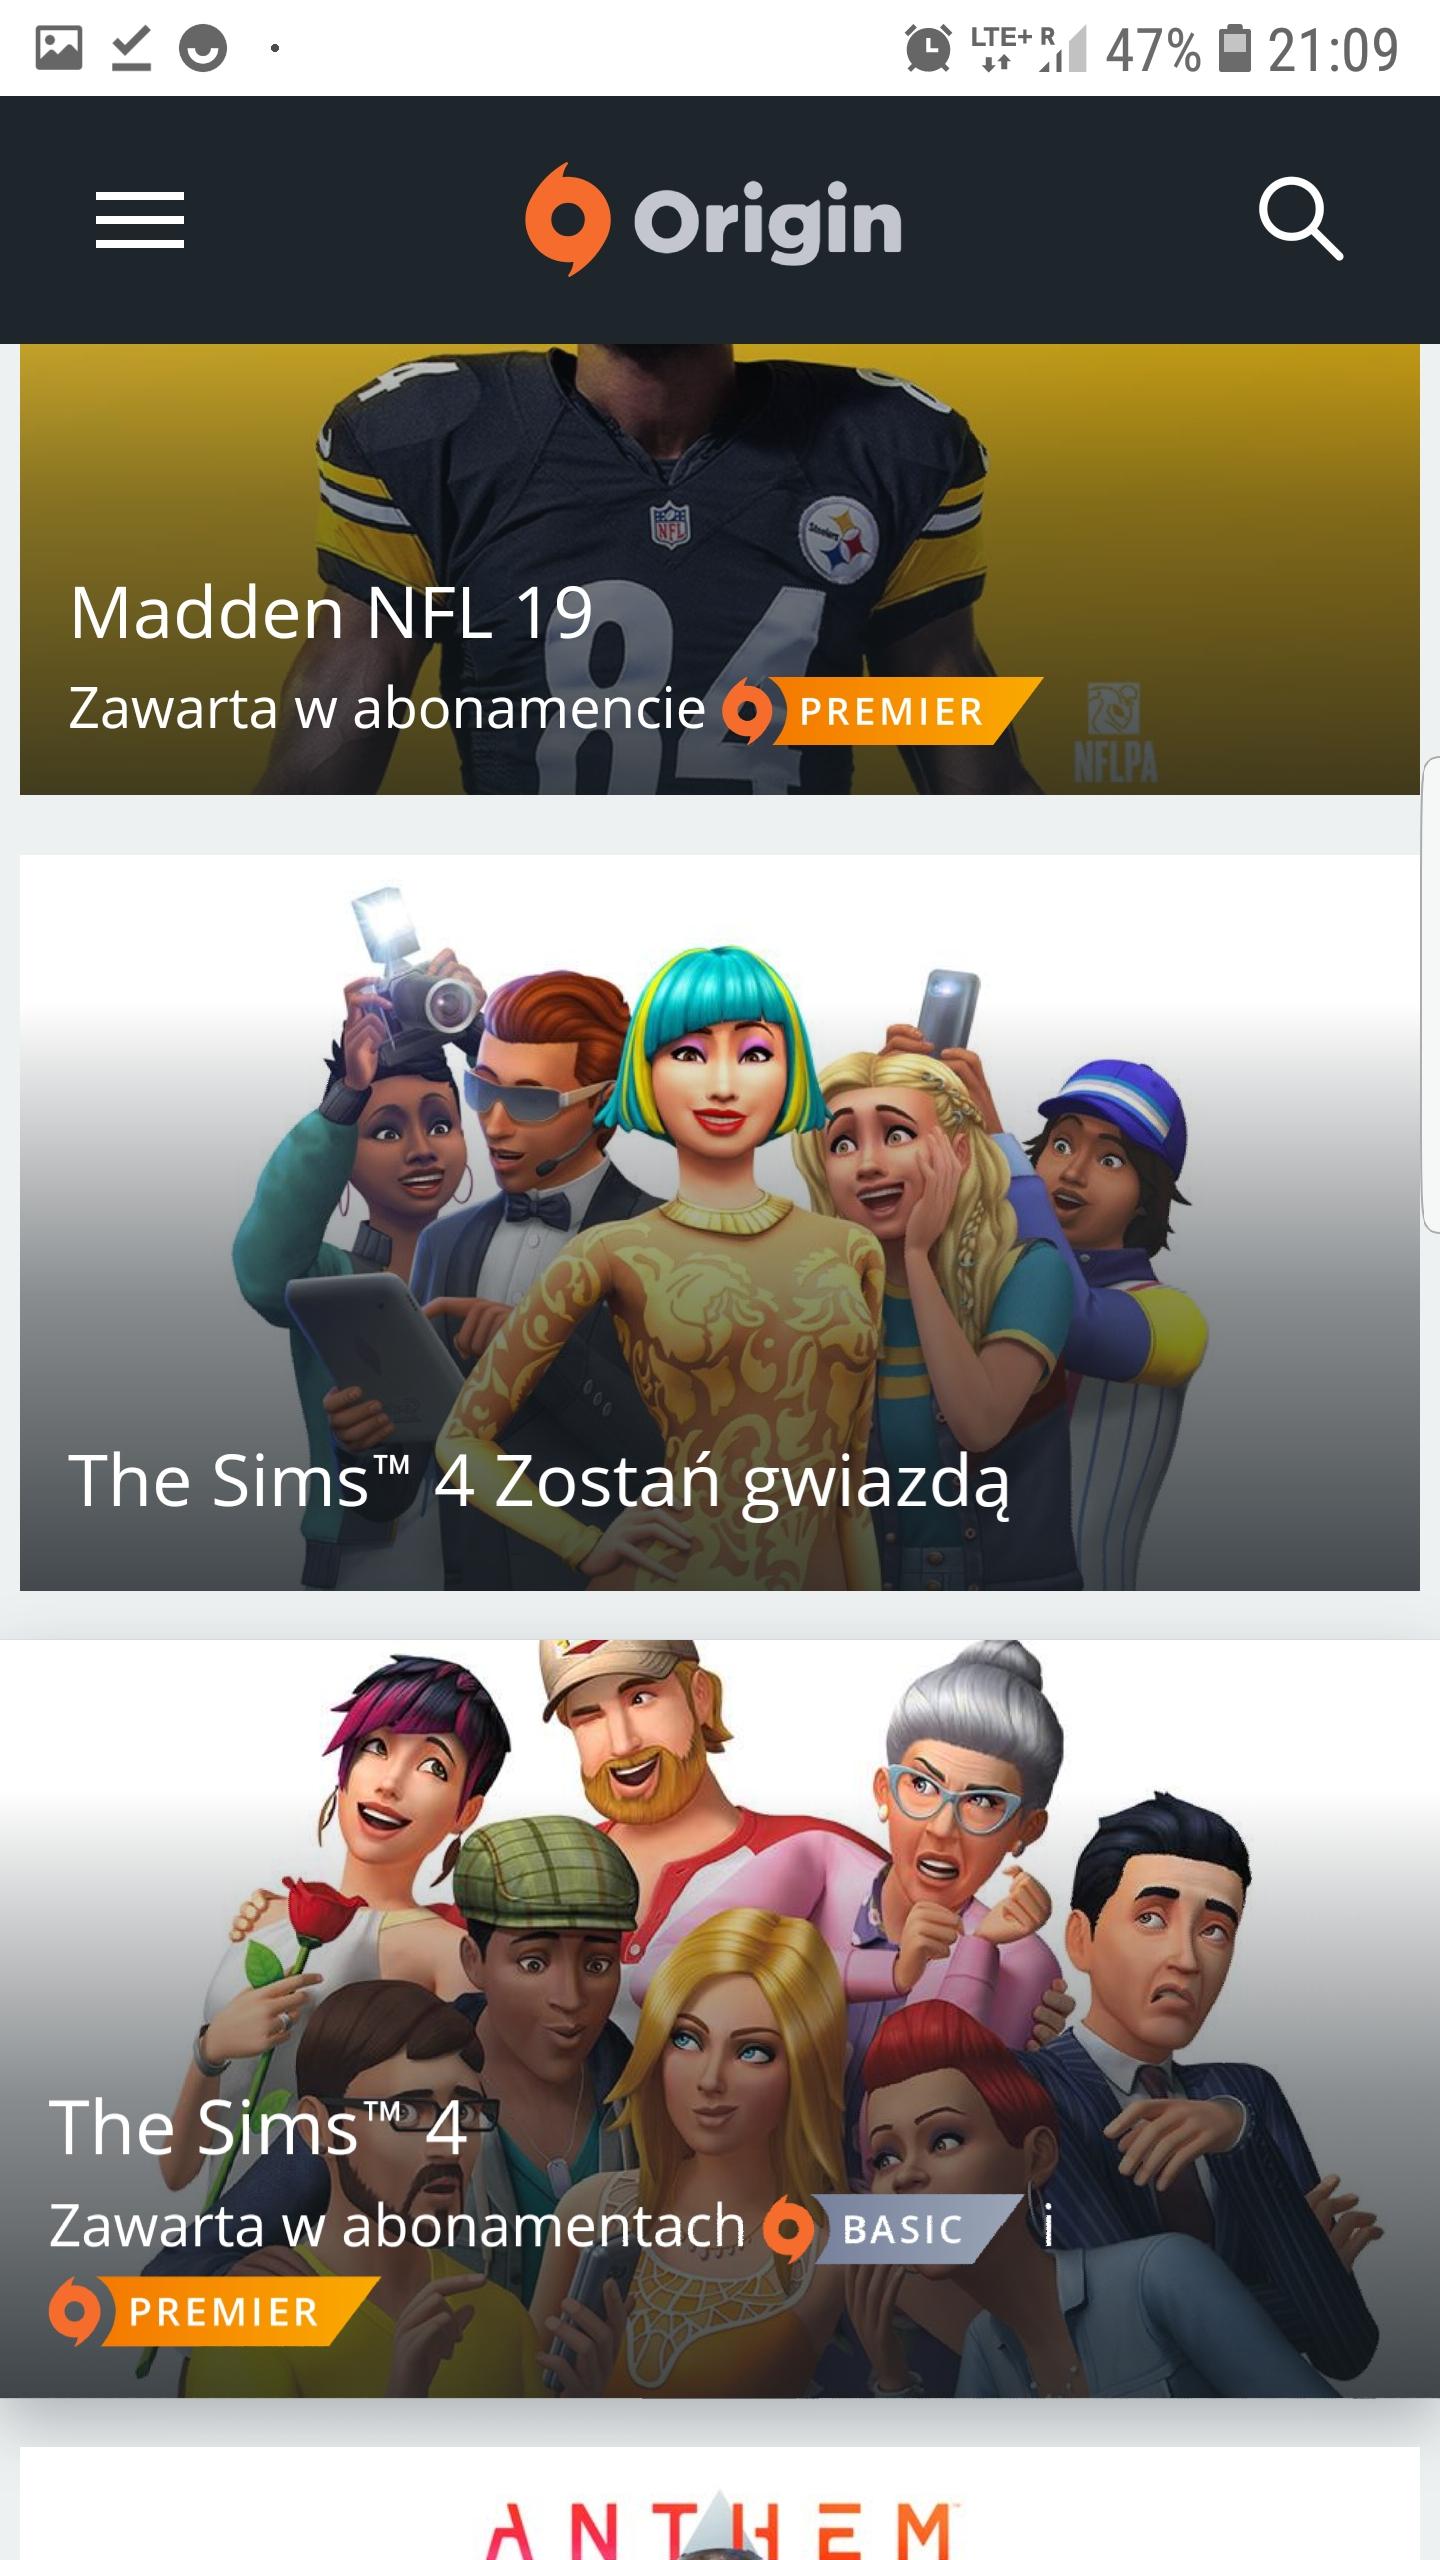 The Sims 4 wyprzedaż gier na origin